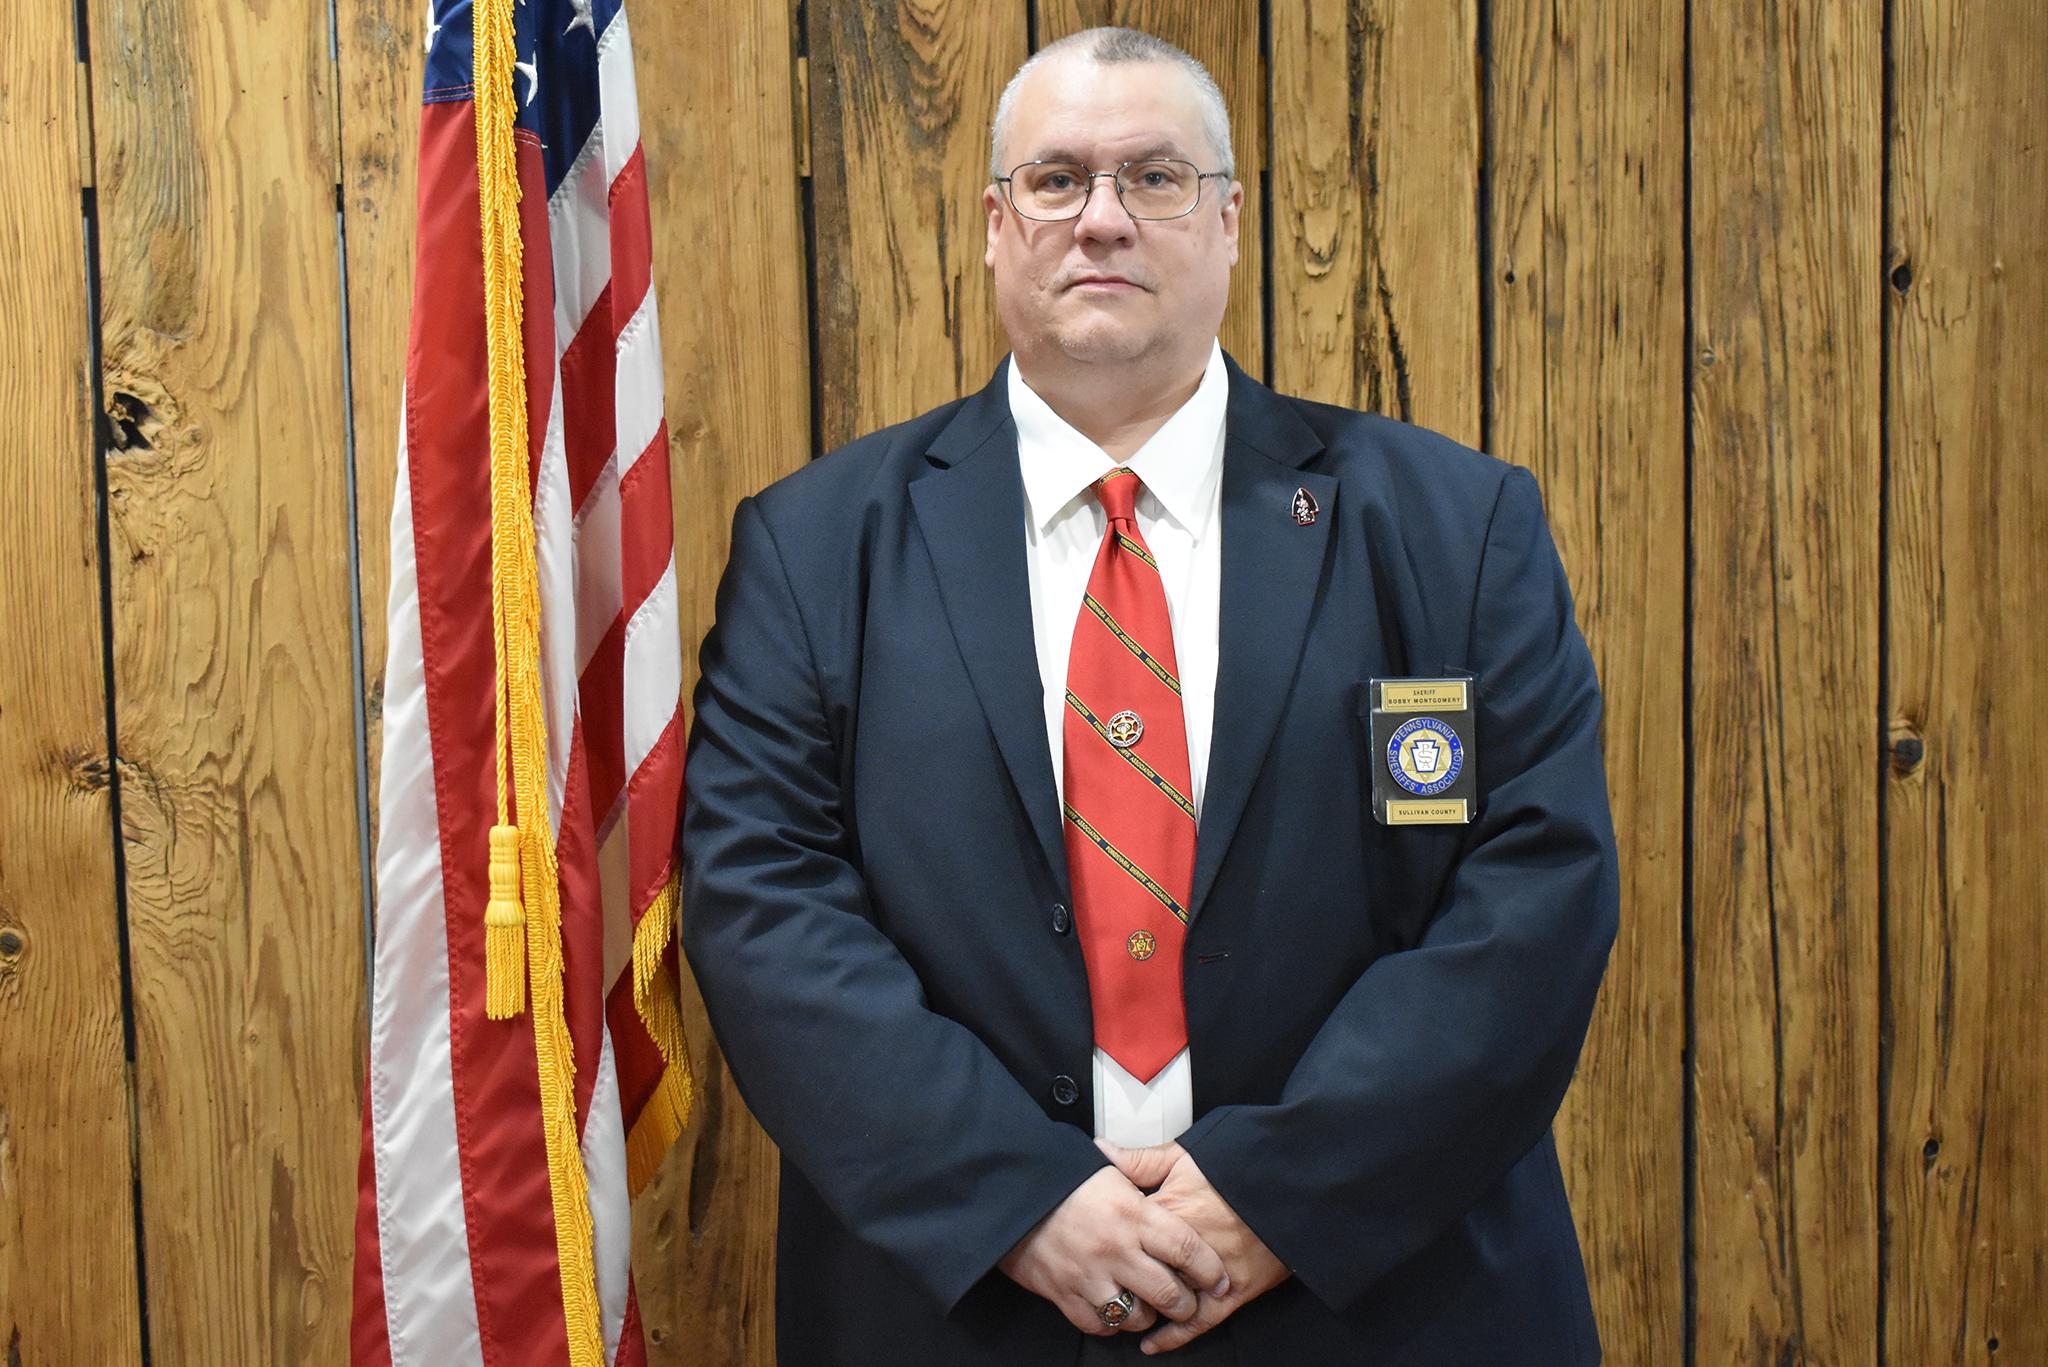 Sheriff Bobby Montgomery